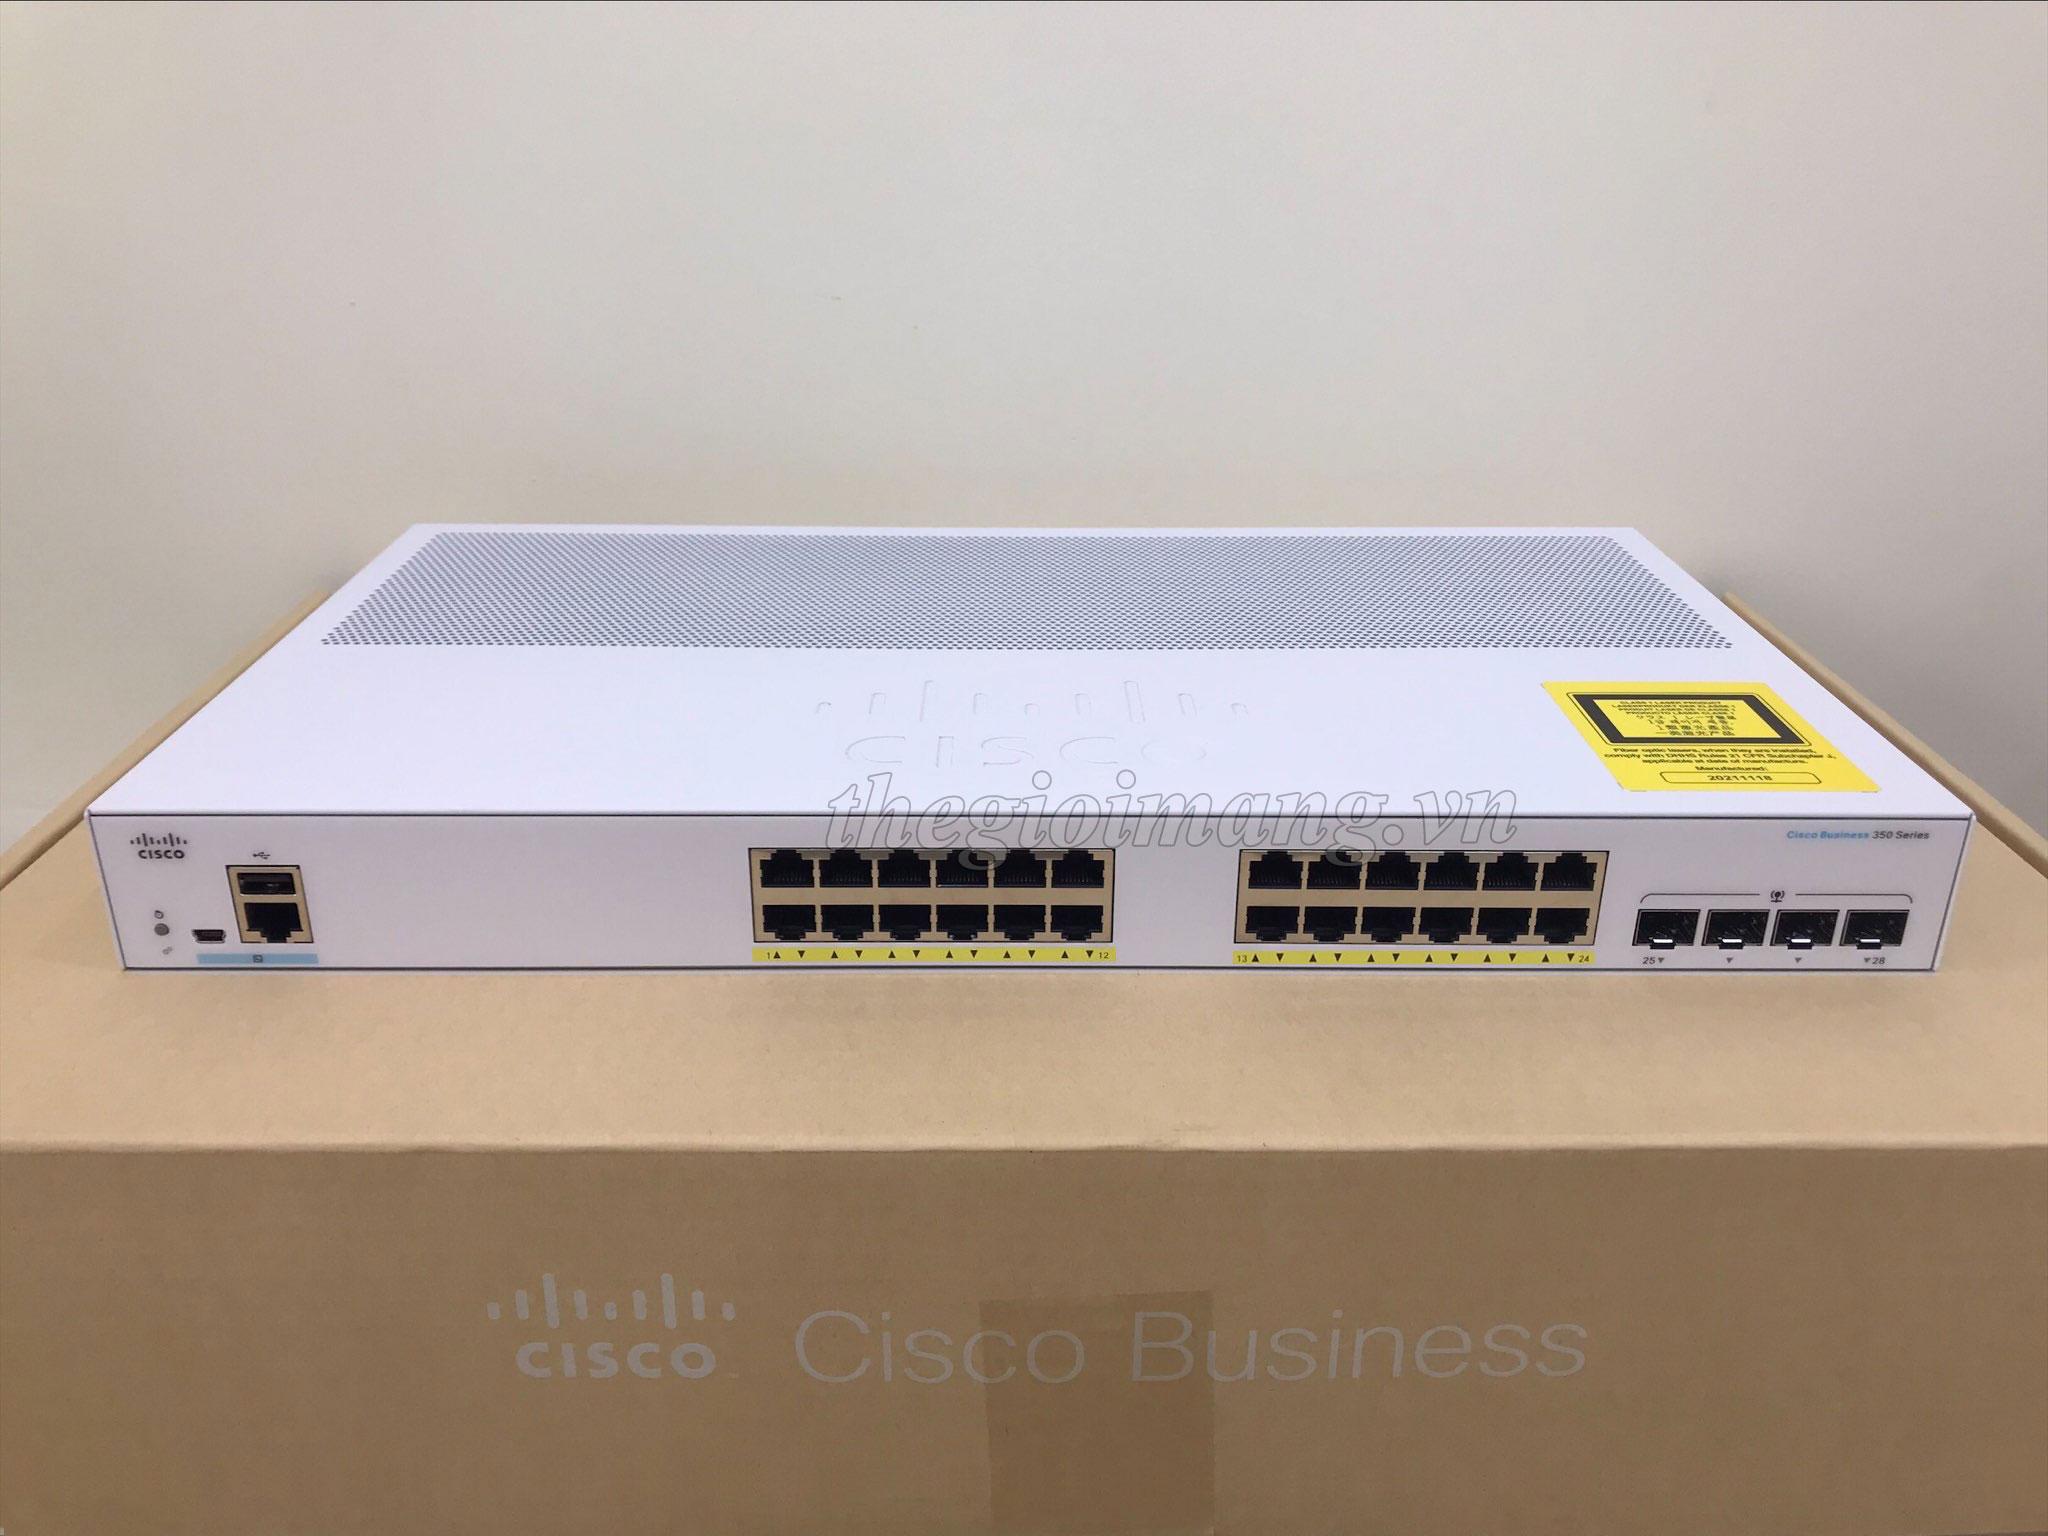 Cisco CBS350-24P-4G-EU